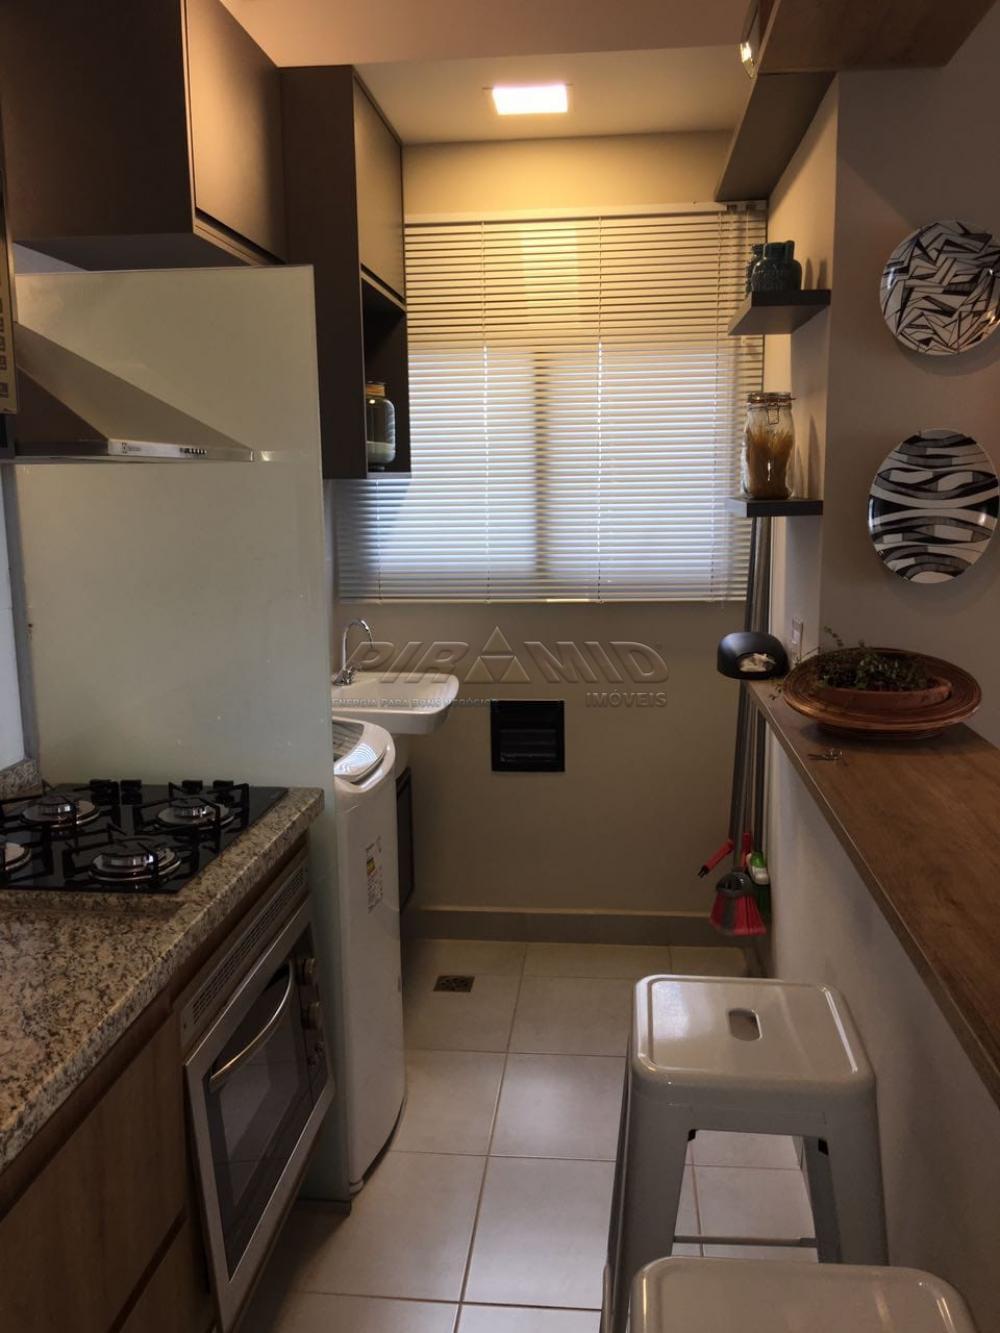 Comprar Apartamento / Padrão em Ribeirão Preto apenas R$ 203.320,00 - Foto 17